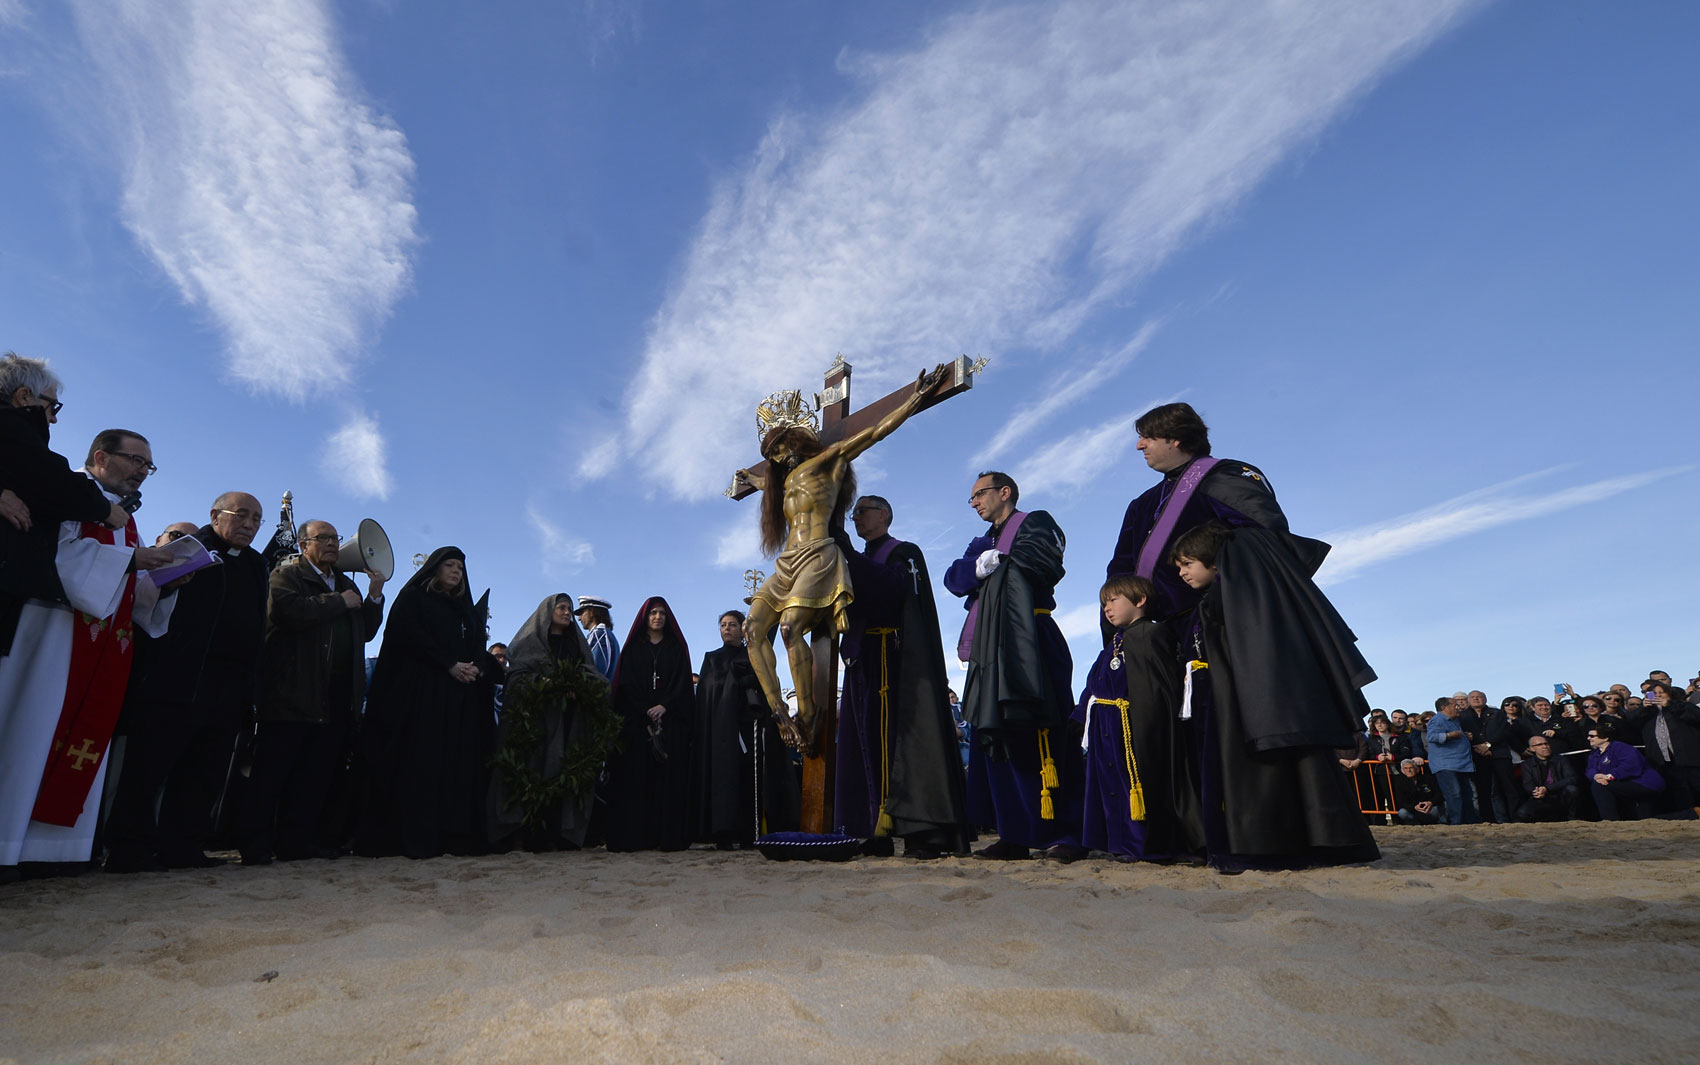 Penitentes da irmandade Cristo Salvador fazem procissão nesta Sexta-feira Santa em uma praia de Valência, na Espanha